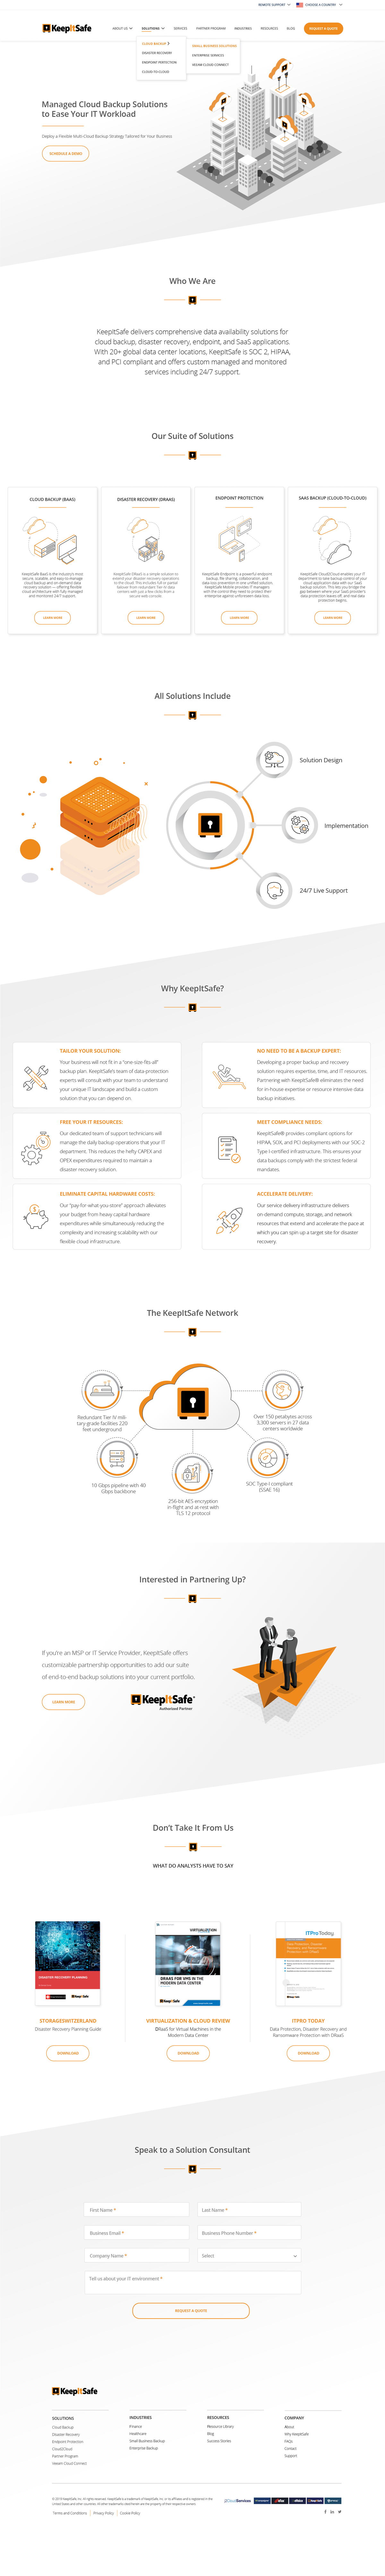 KeepItSafe Homepage Design